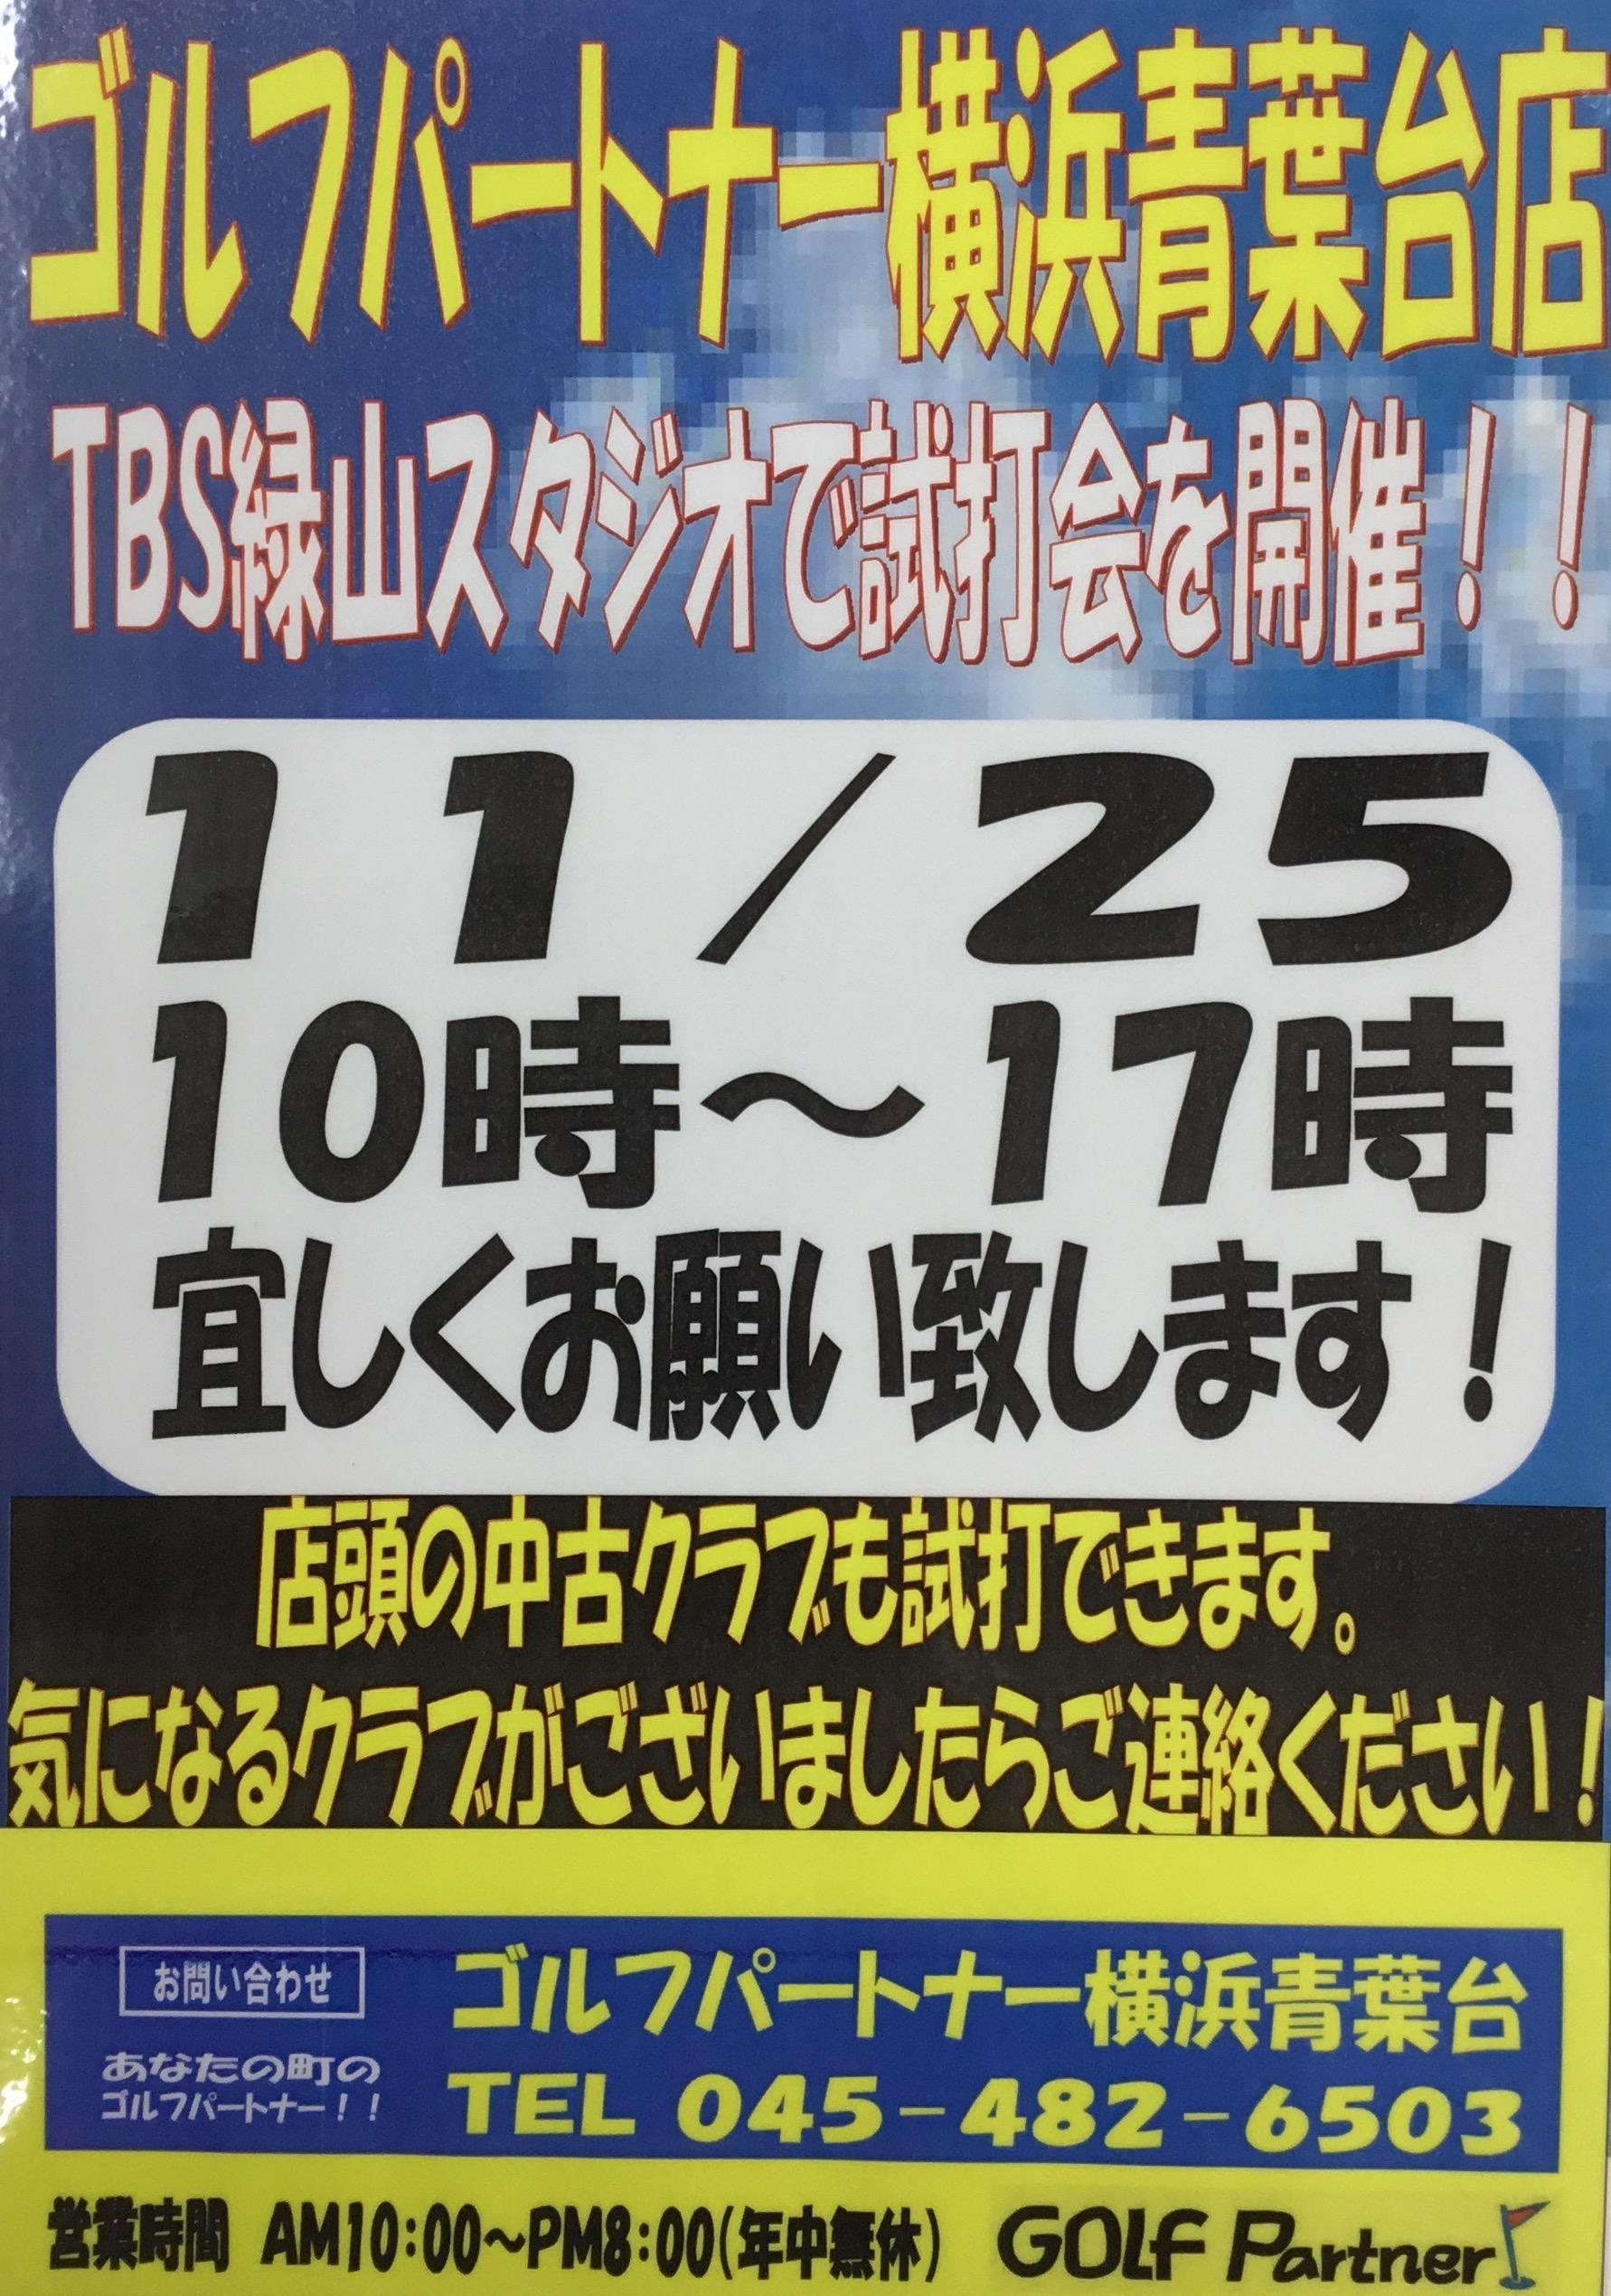 11月25日(日)試打会開催致します!!